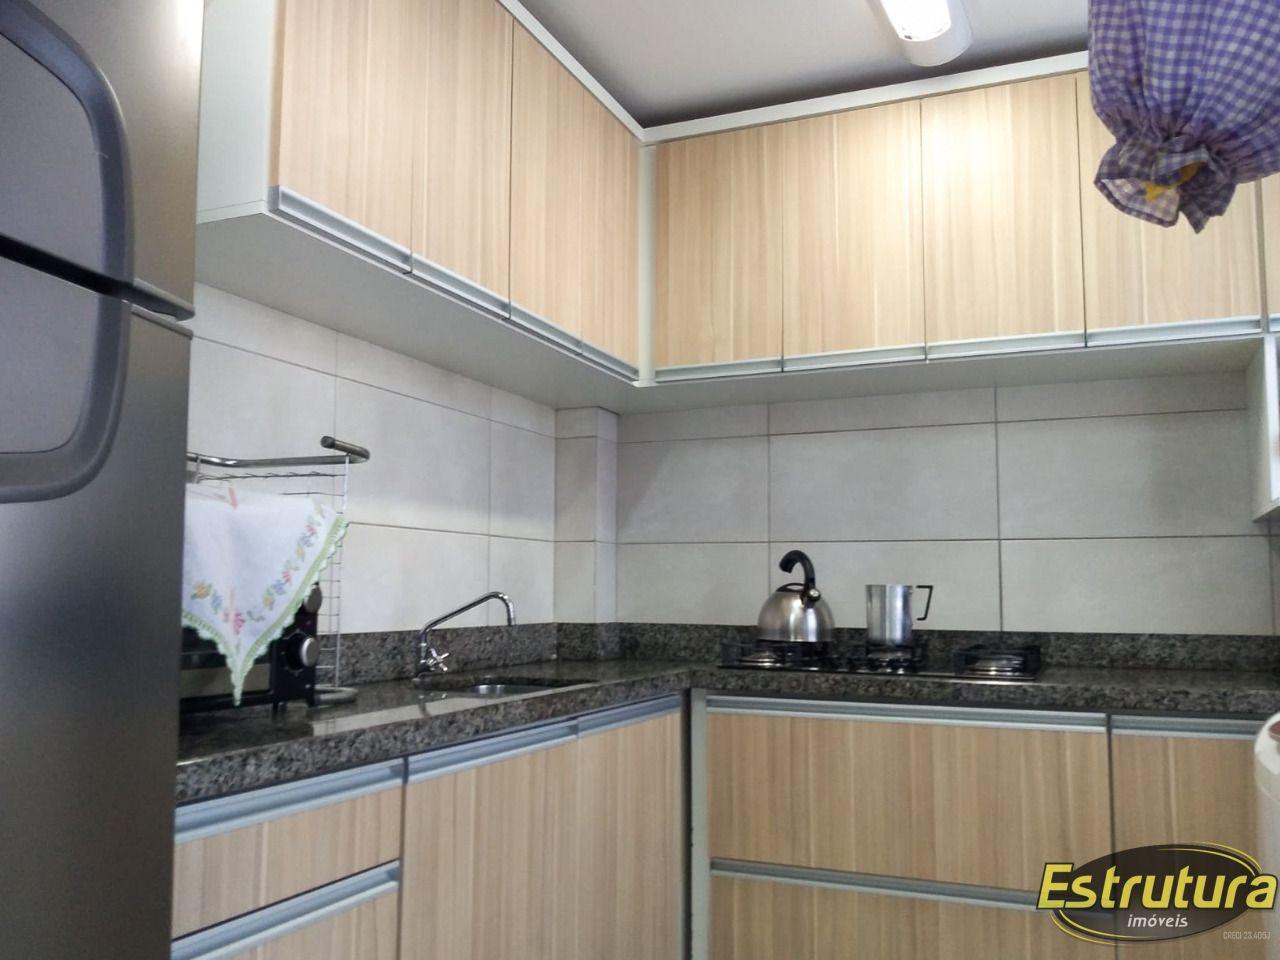 Apartamento com 2 Dormitórios à venda, 79 m² por R$ 298.000,00